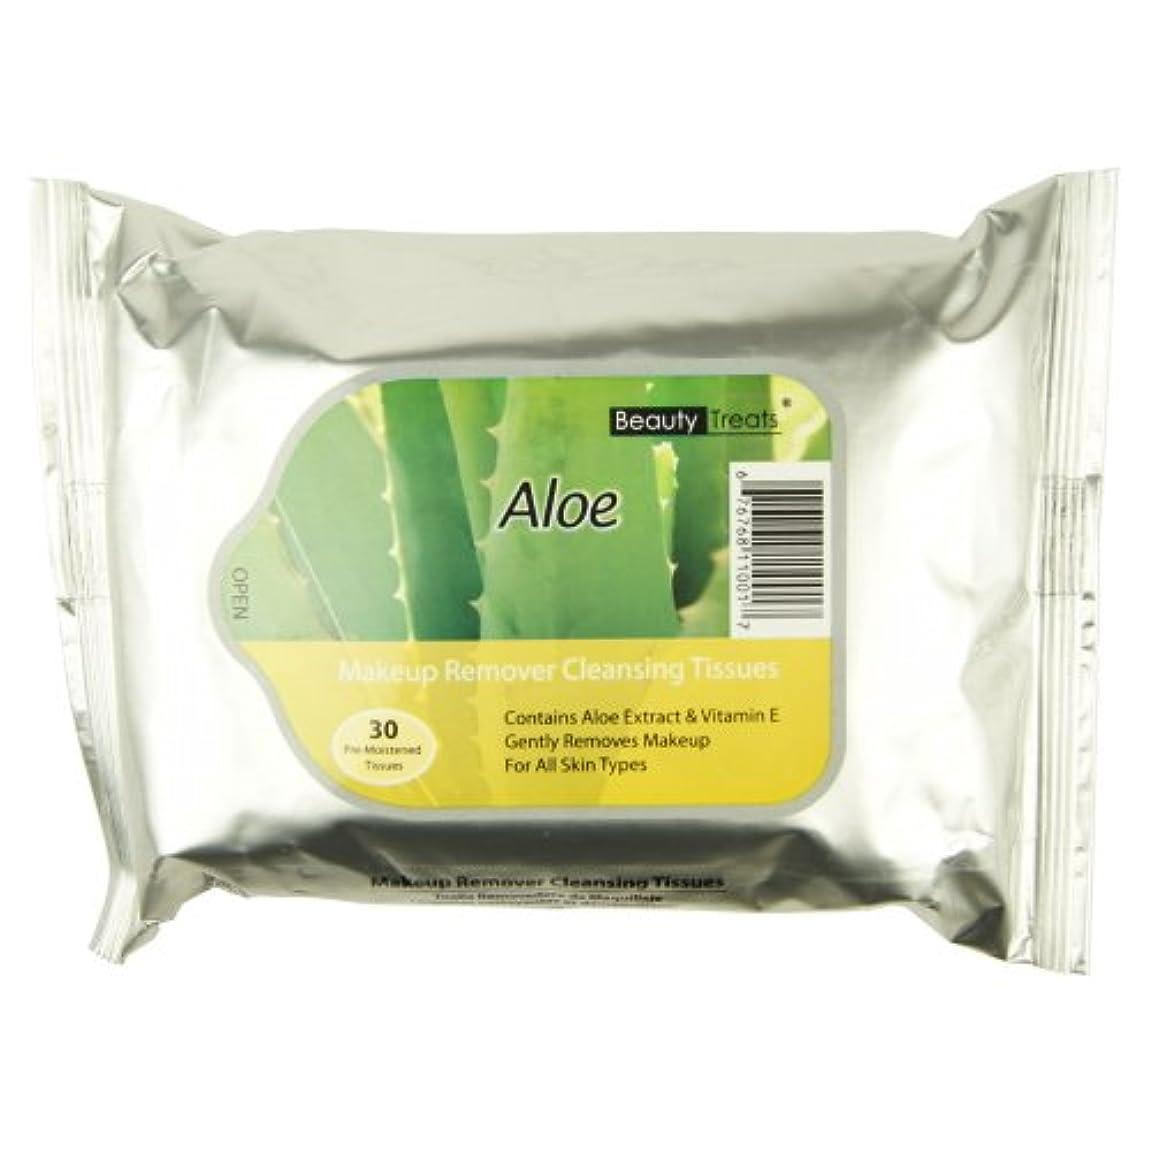 病的ブロンズ長さBEAUTY TREATS Makeup Remover Cleansing Tissues - Aloe (並行輸入品)